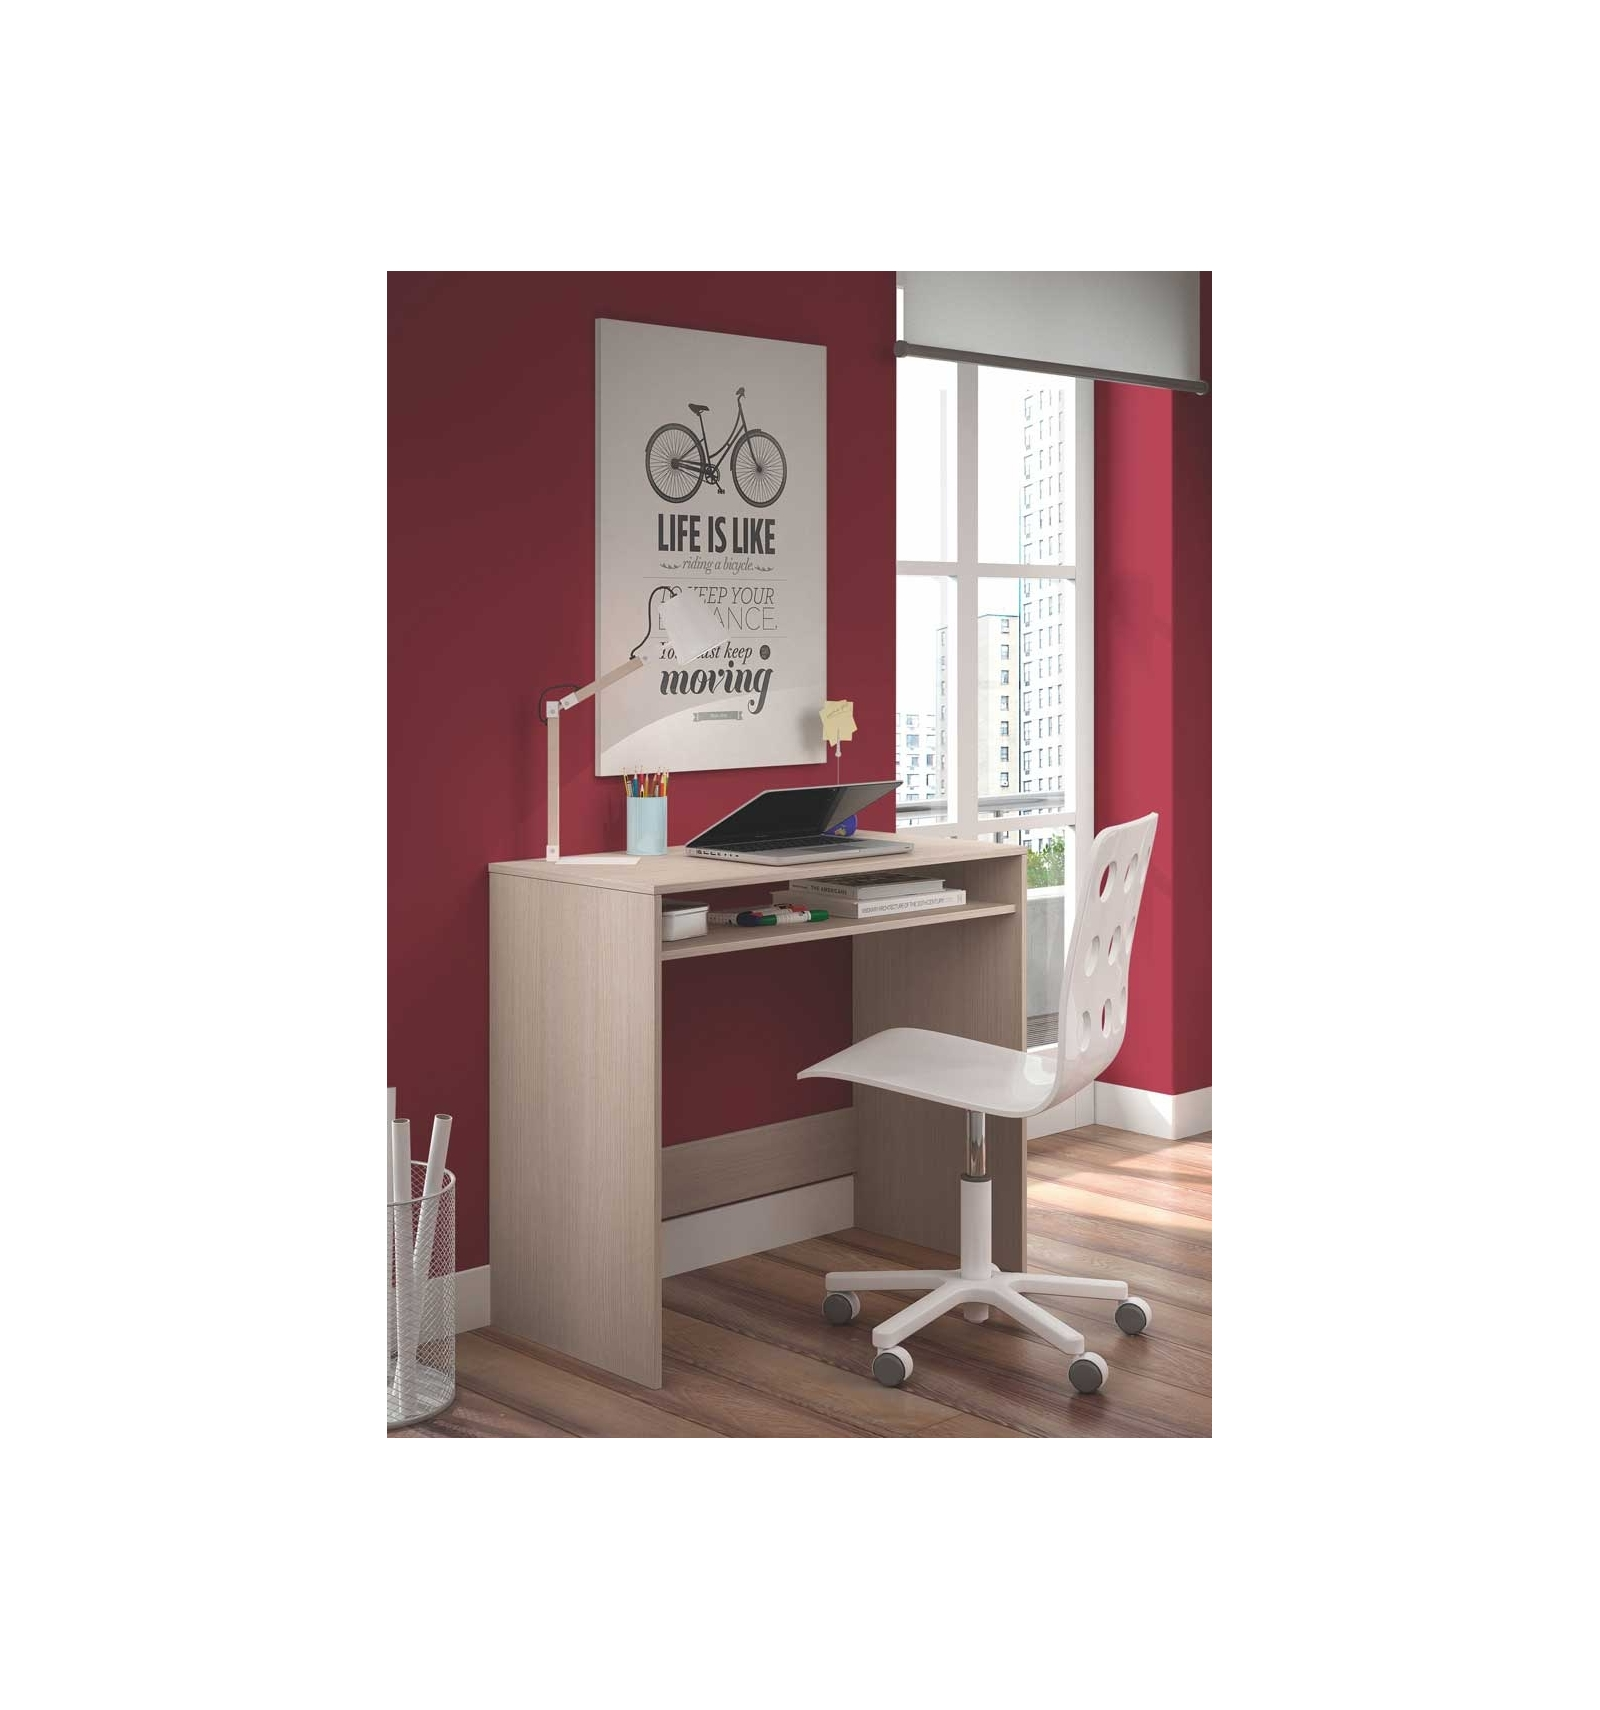 casier de bureau finest casier bureau rangement caisson porte stan caisson rangement bureau. Black Bedroom Furniture Sets. Home Design Ideas